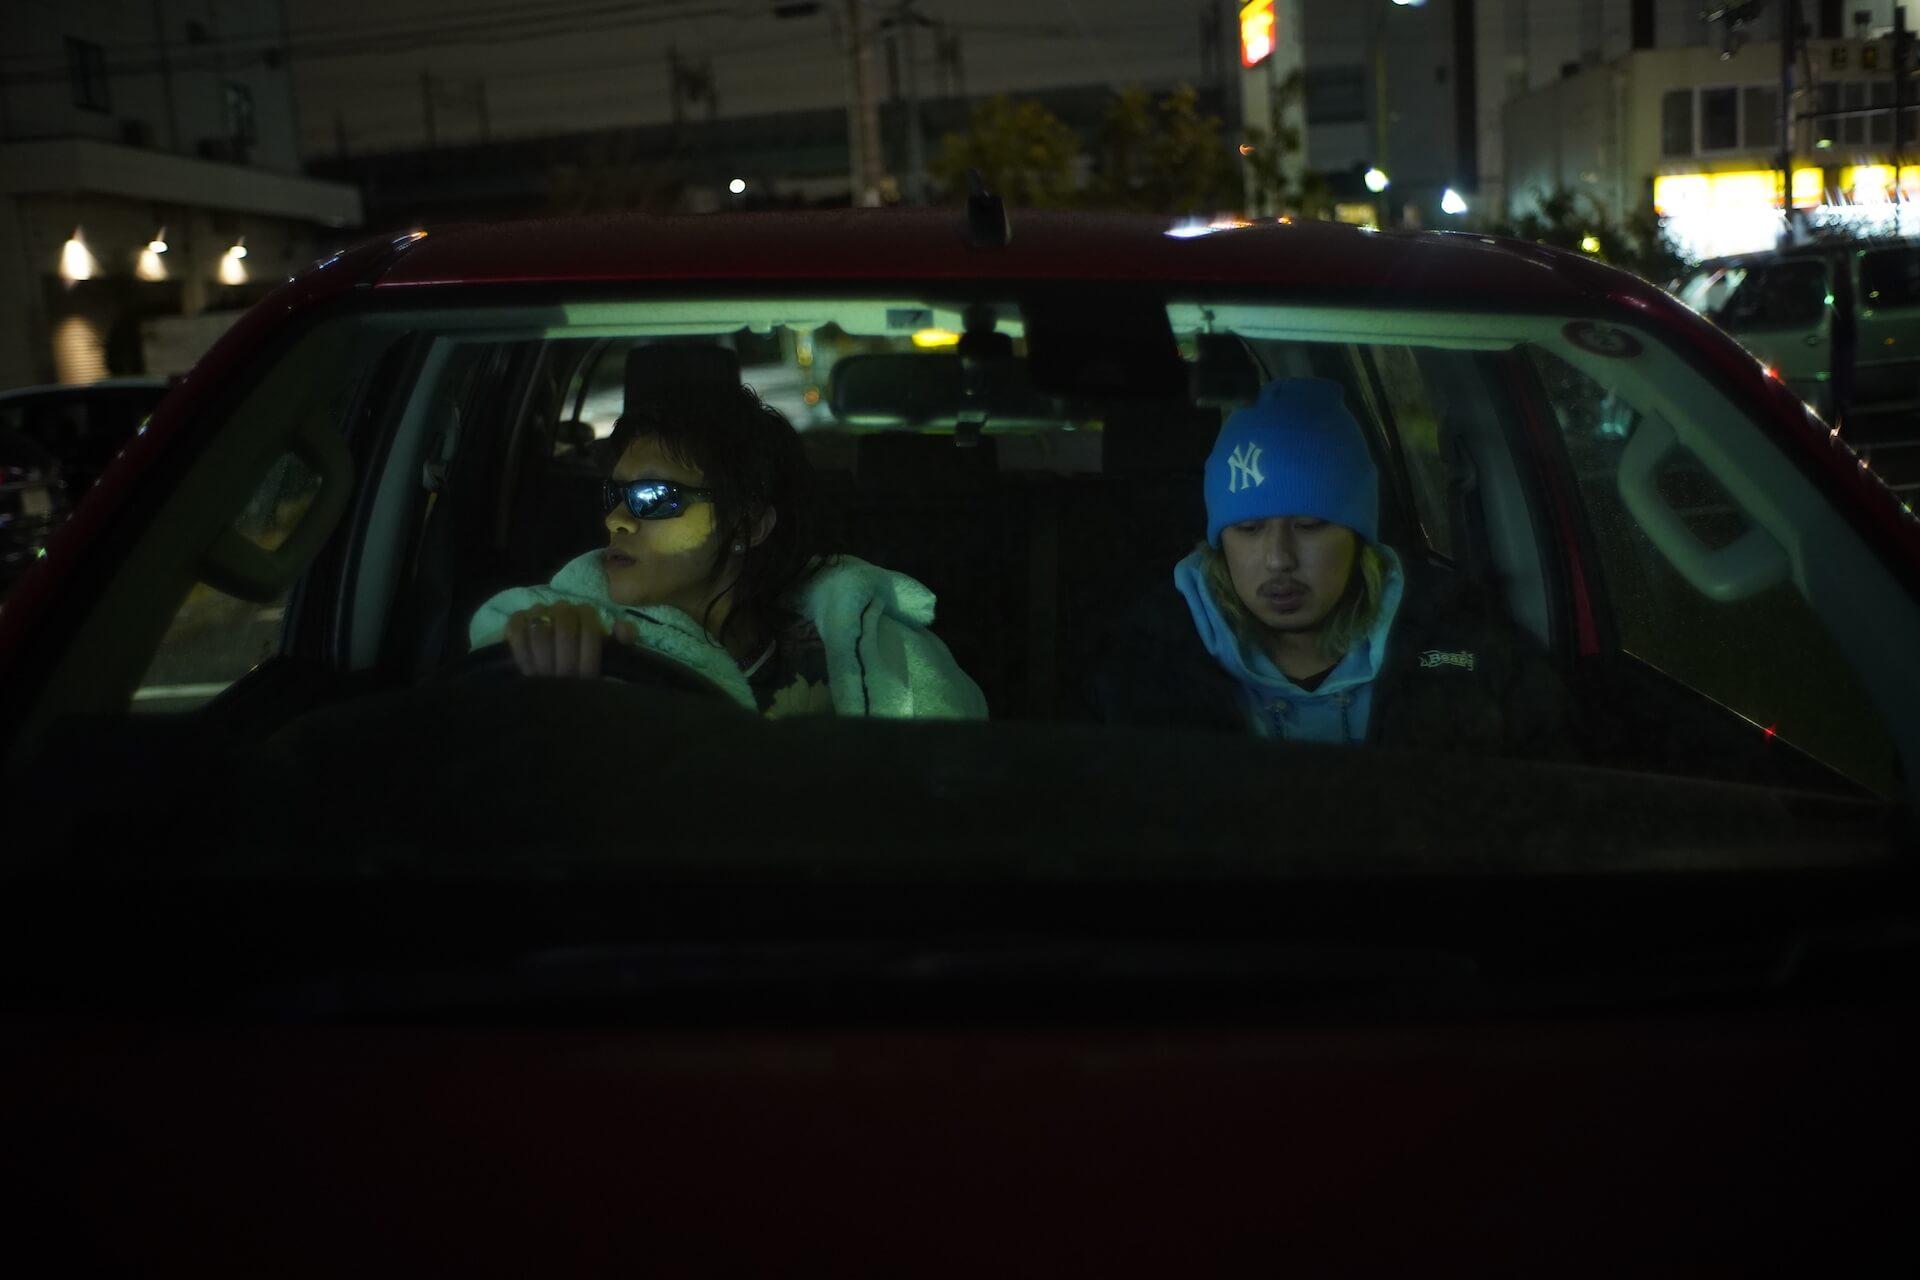 Tohjiがトヨタ・ハイラックスでドライブ対談する映像が今夜スペースシャワーTV&YouTubeで解禁|対談相手はMURVSAKI music191224_tohji_drive_main